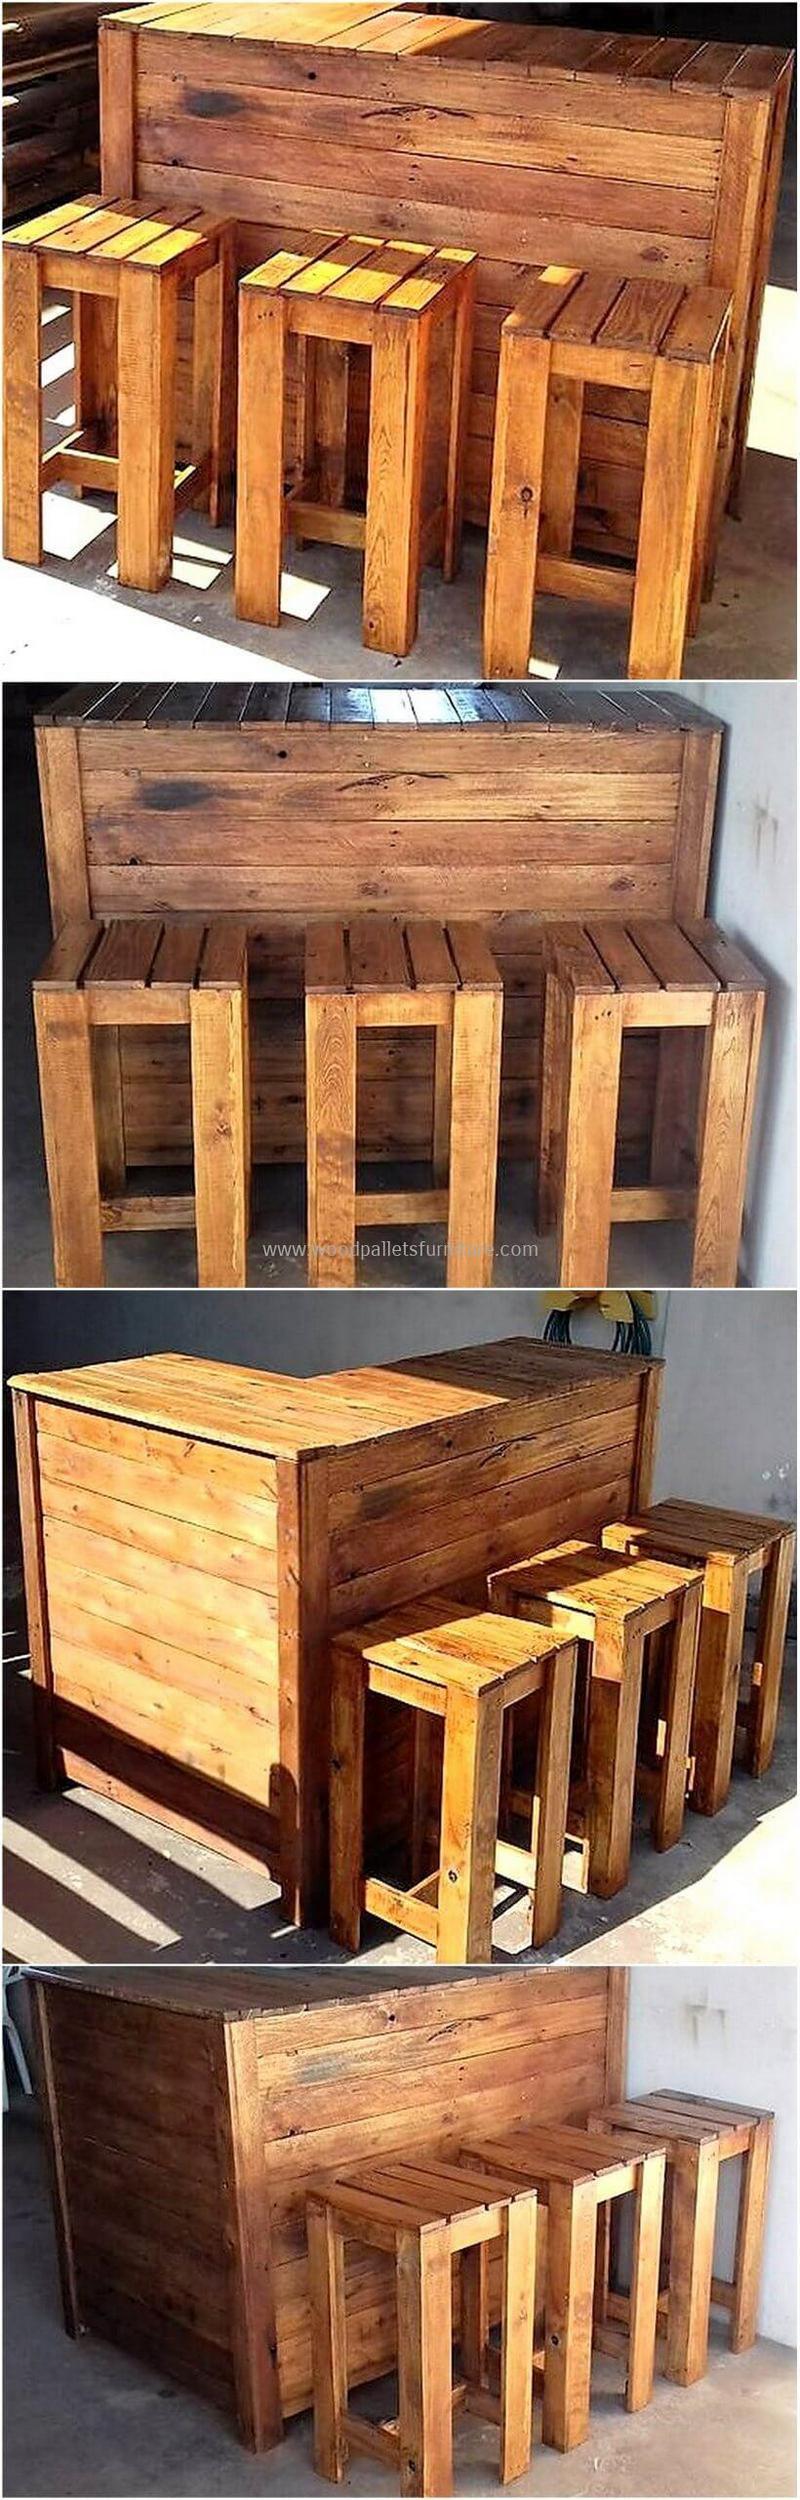 wood pallet bar plan 260